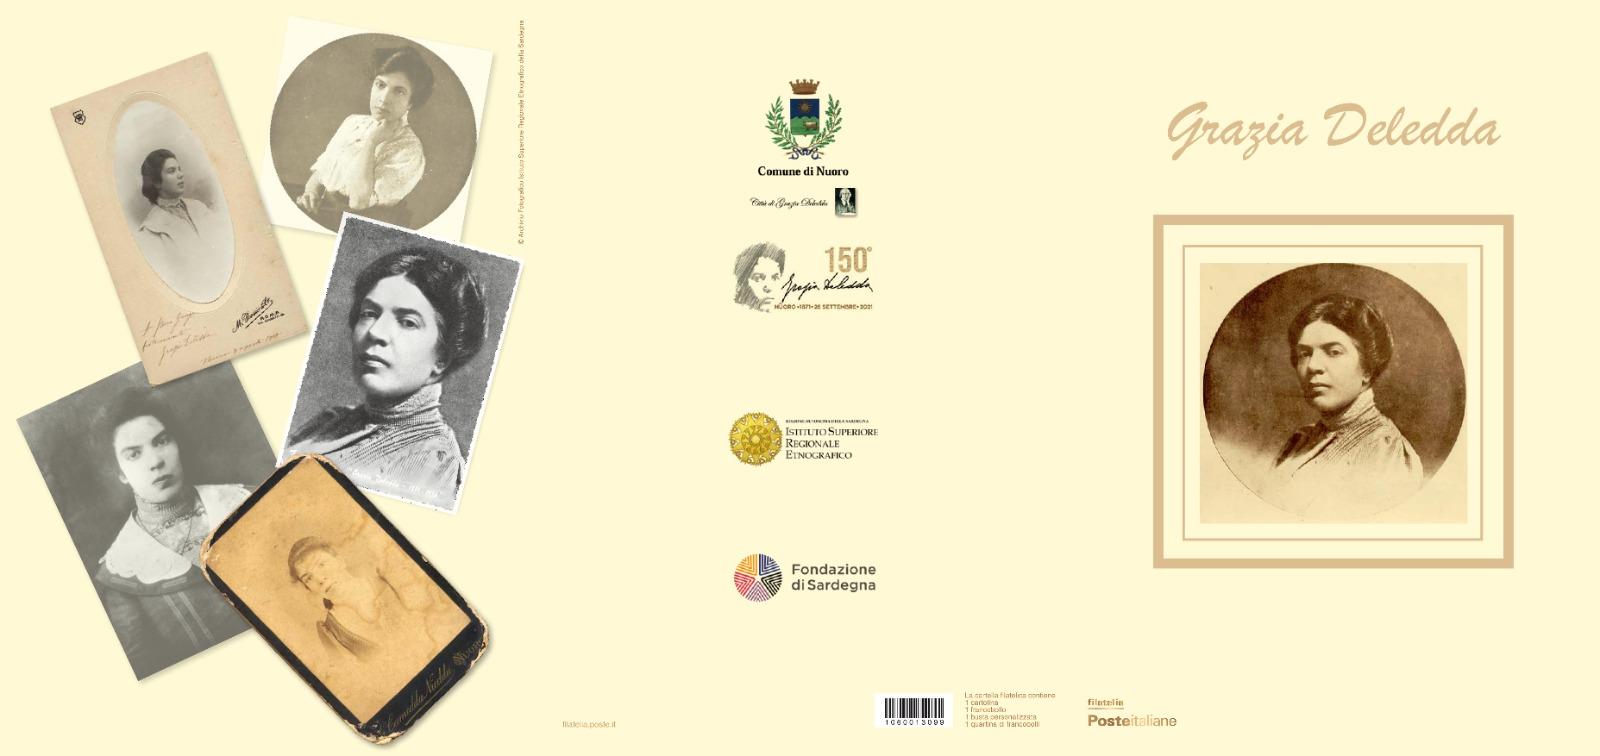 Nuoro. Lunedì sarà presentato un francobollo in onore di Grazia Deledda